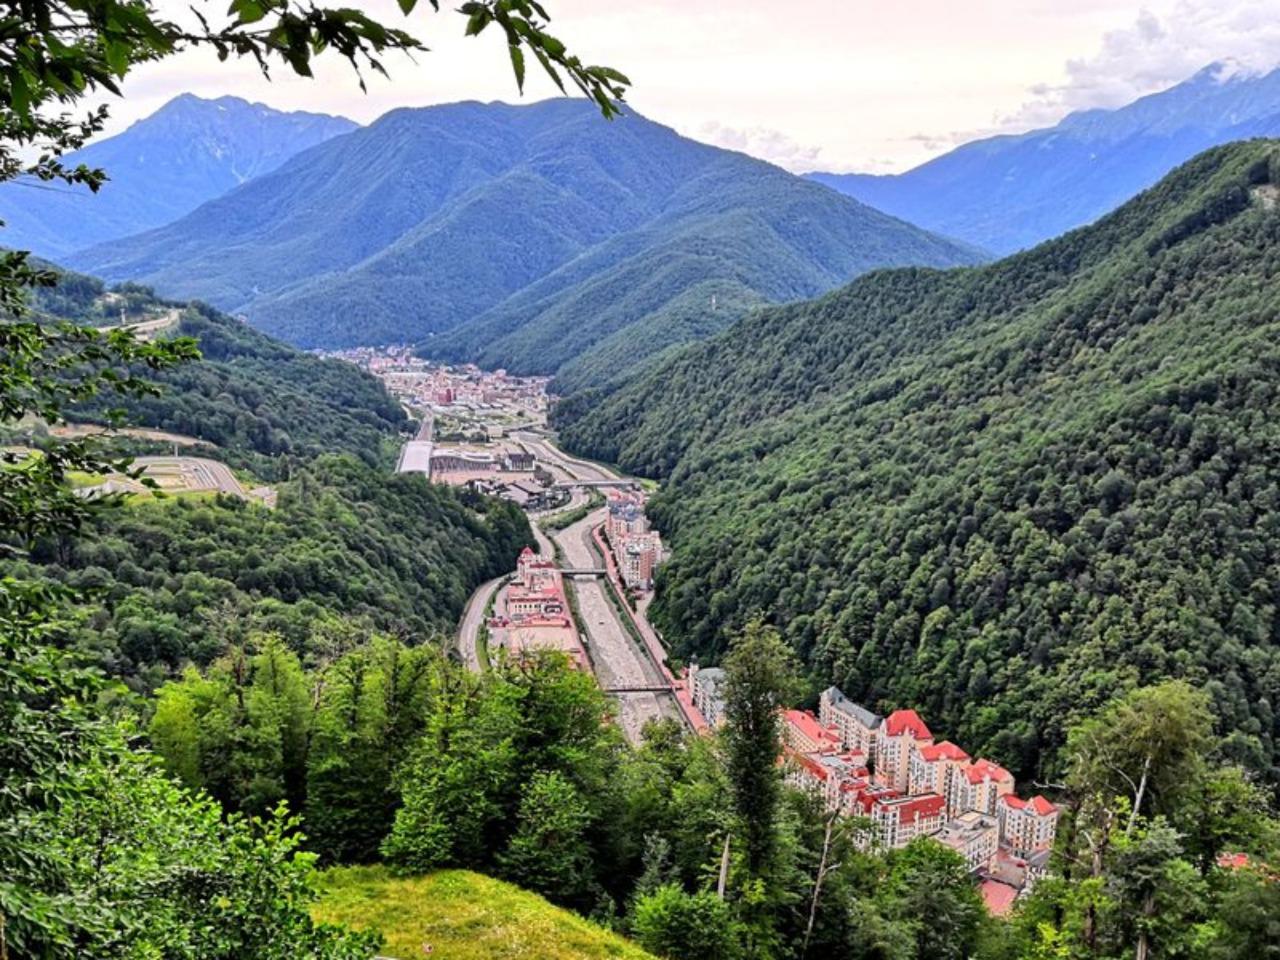 Лучшие смотровые площадки Сочи - индивидуальная экскурсия в Сочи от опытного гида